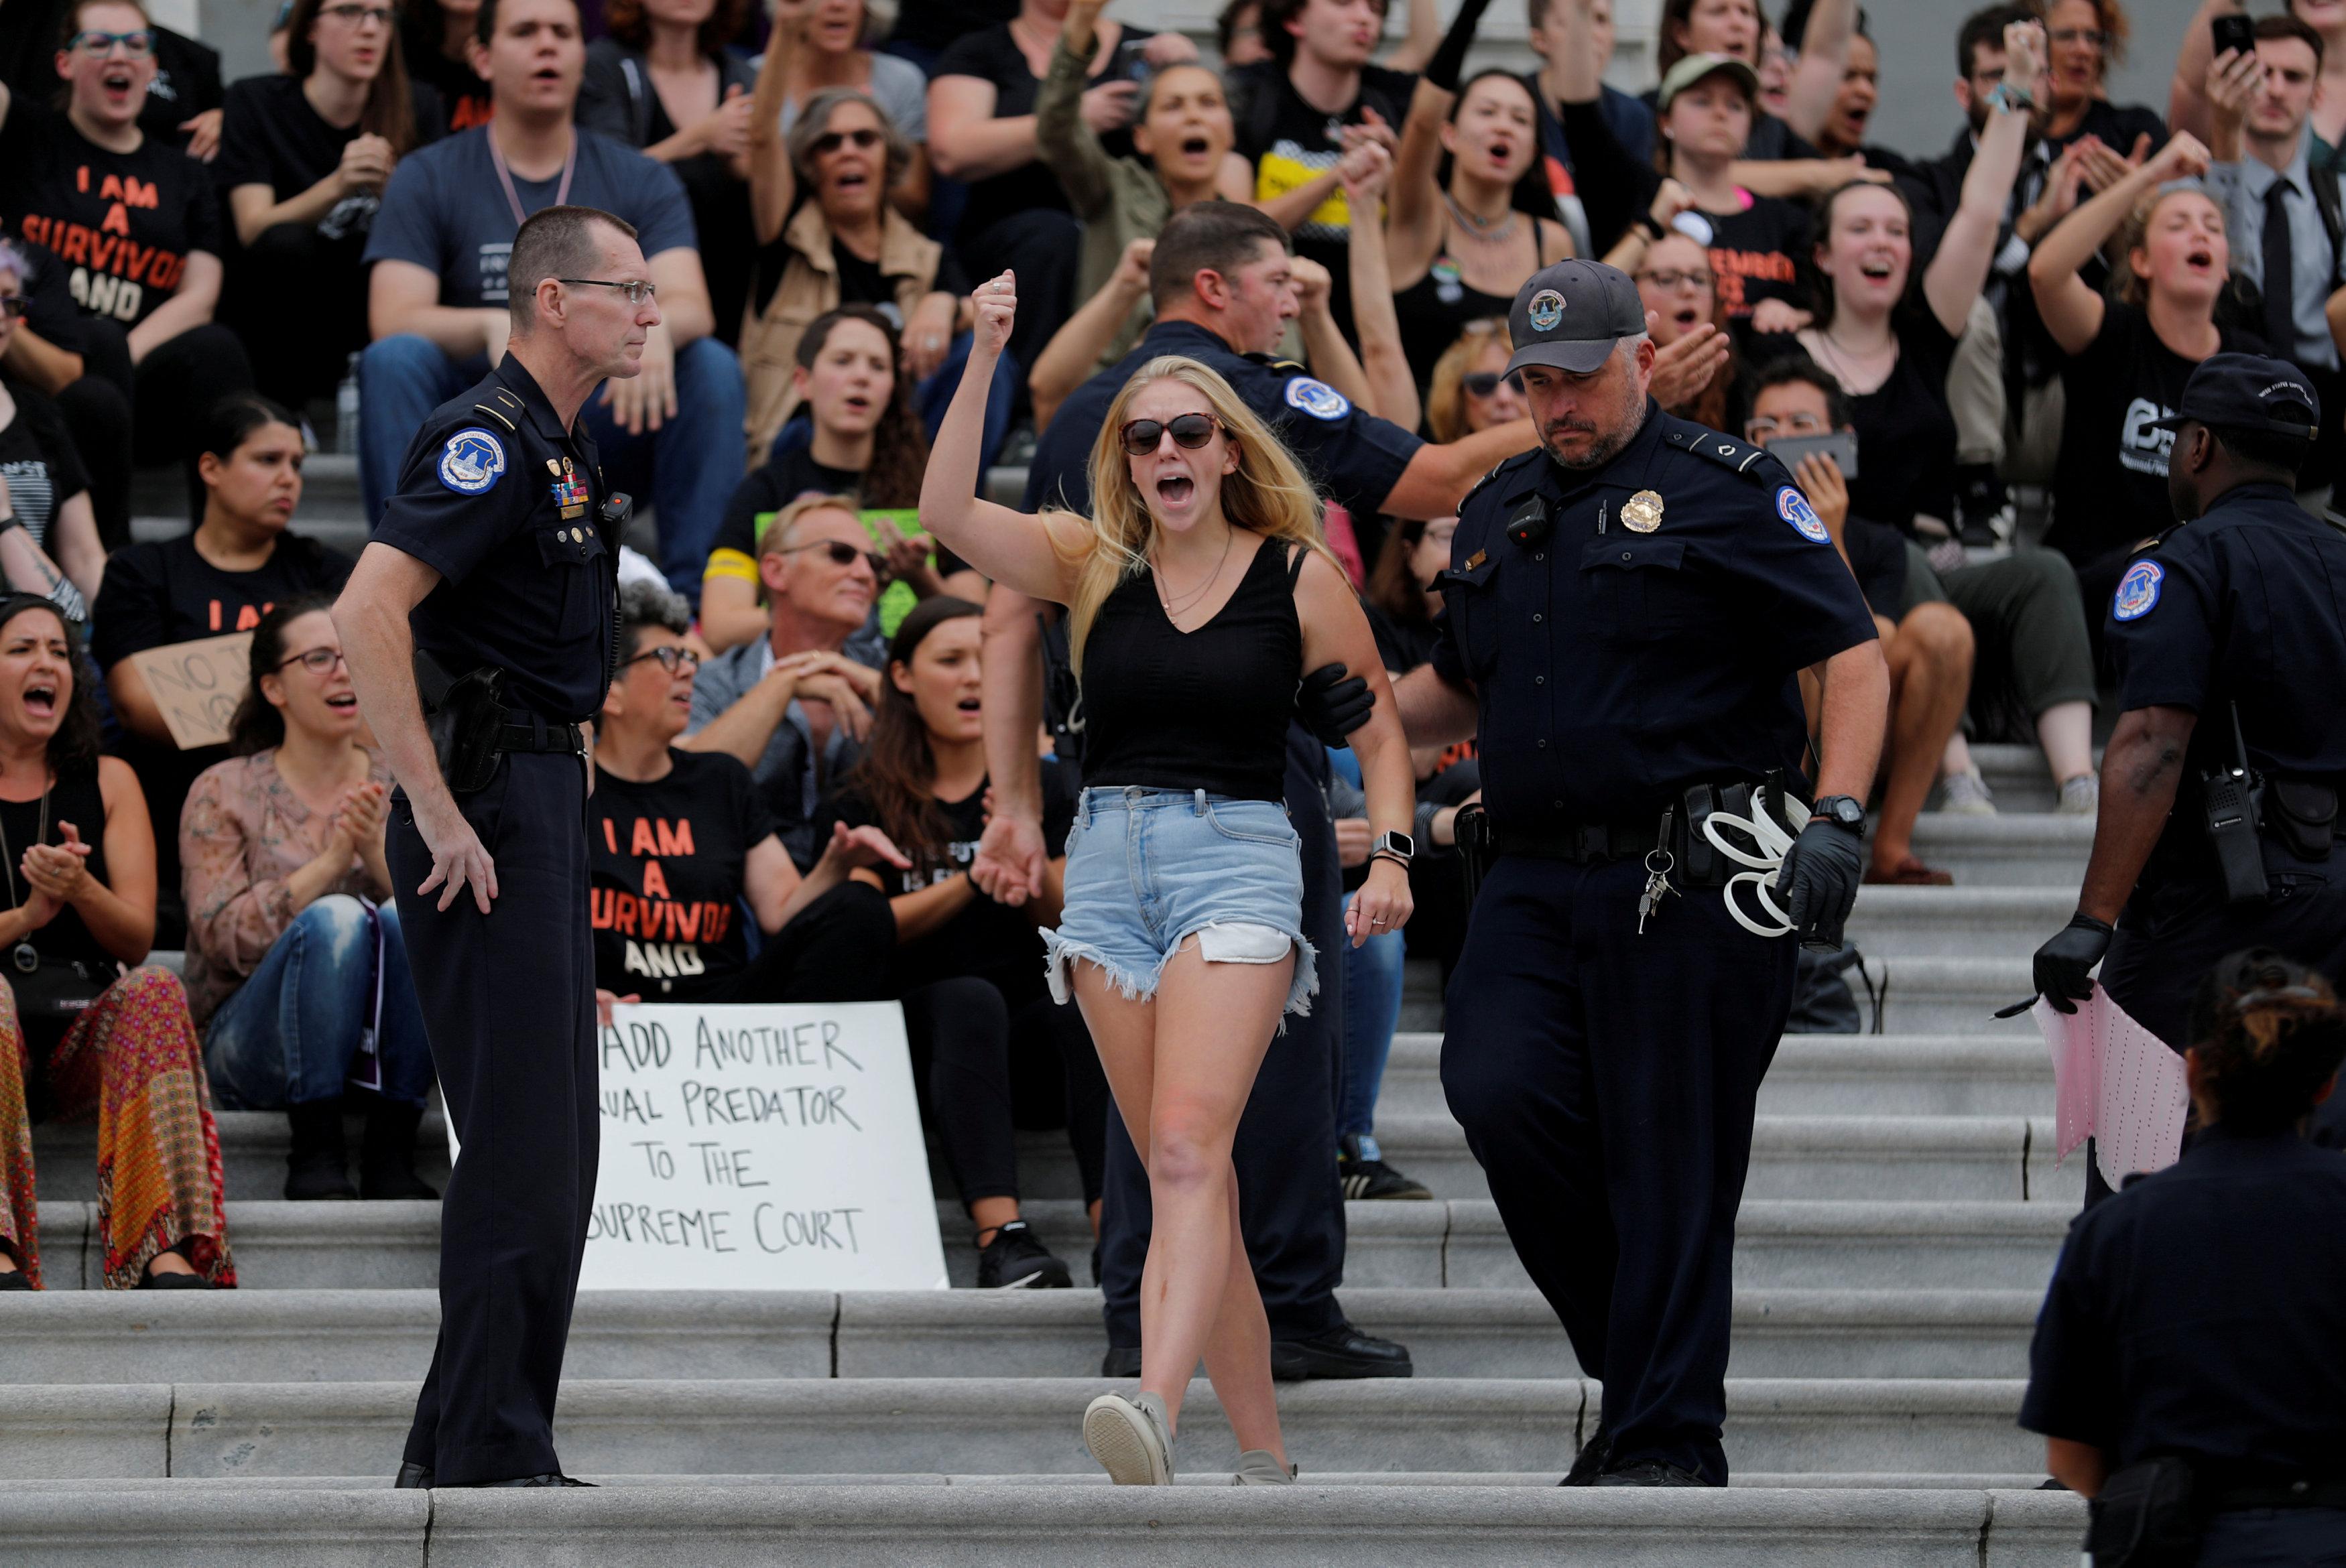 احتجاجات أمام المحكمة العليا الأمريكية